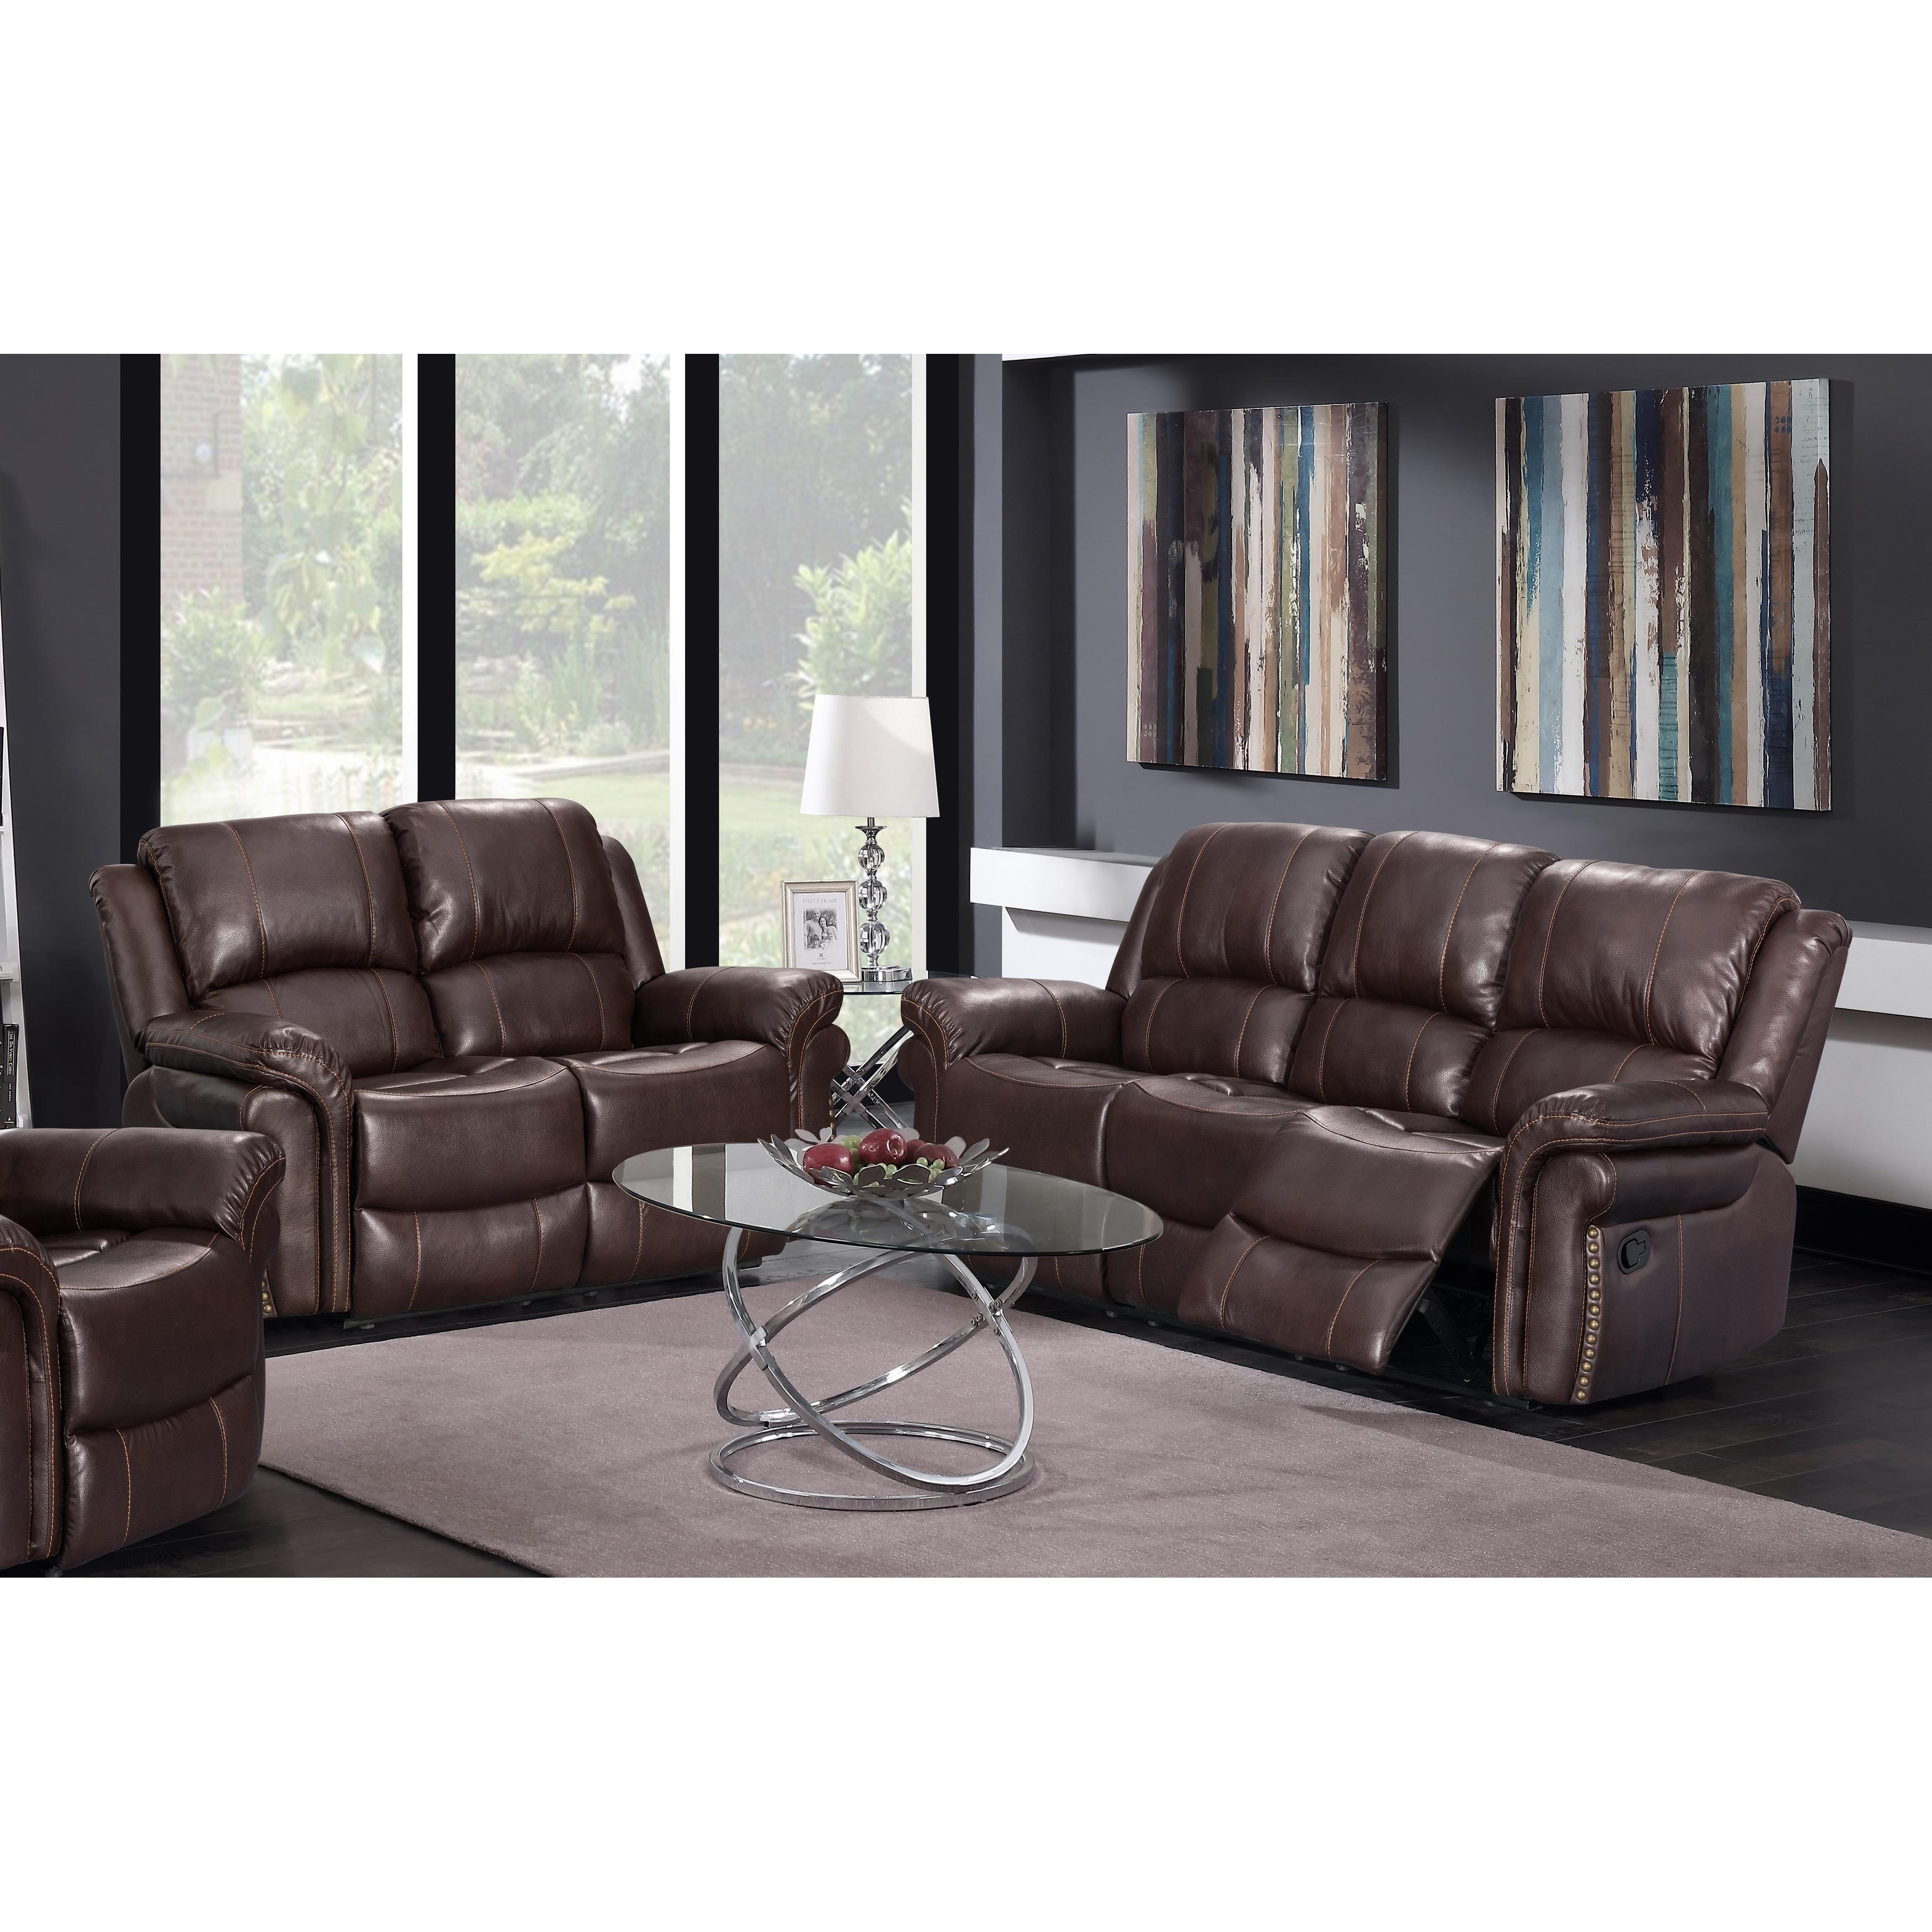 Gtu Furniture Contemporary